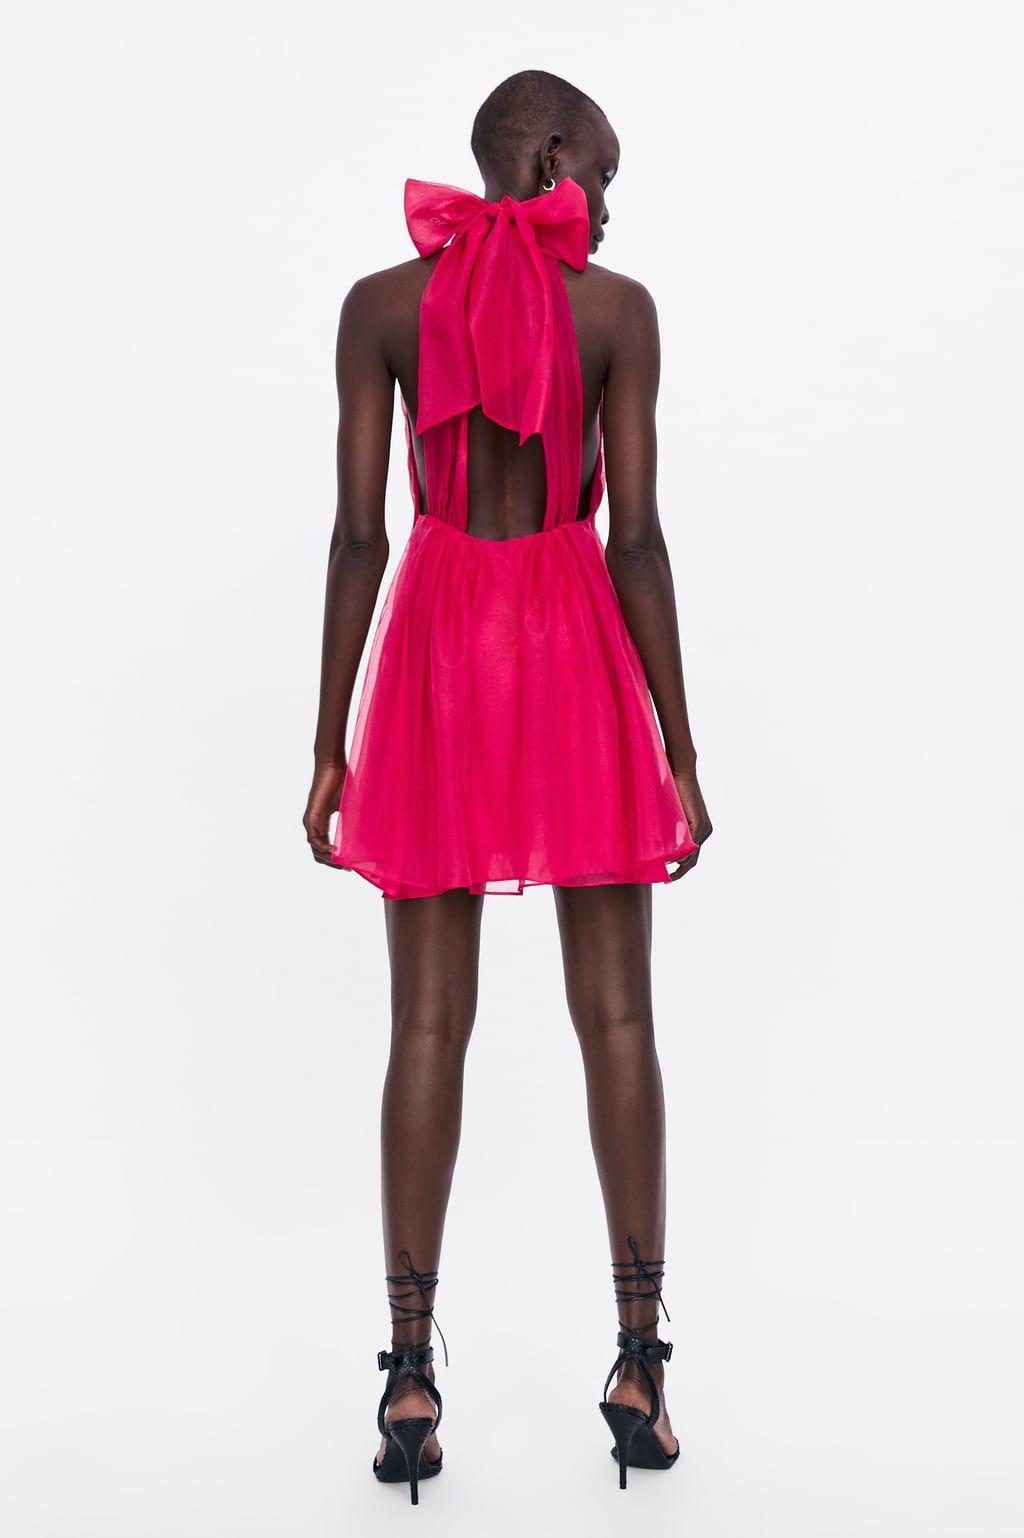 2019DressDressesFashion Organza Dress Mini Mini In Organza In Mini Organza 2019DressDressesFashion Dress BdCerxo